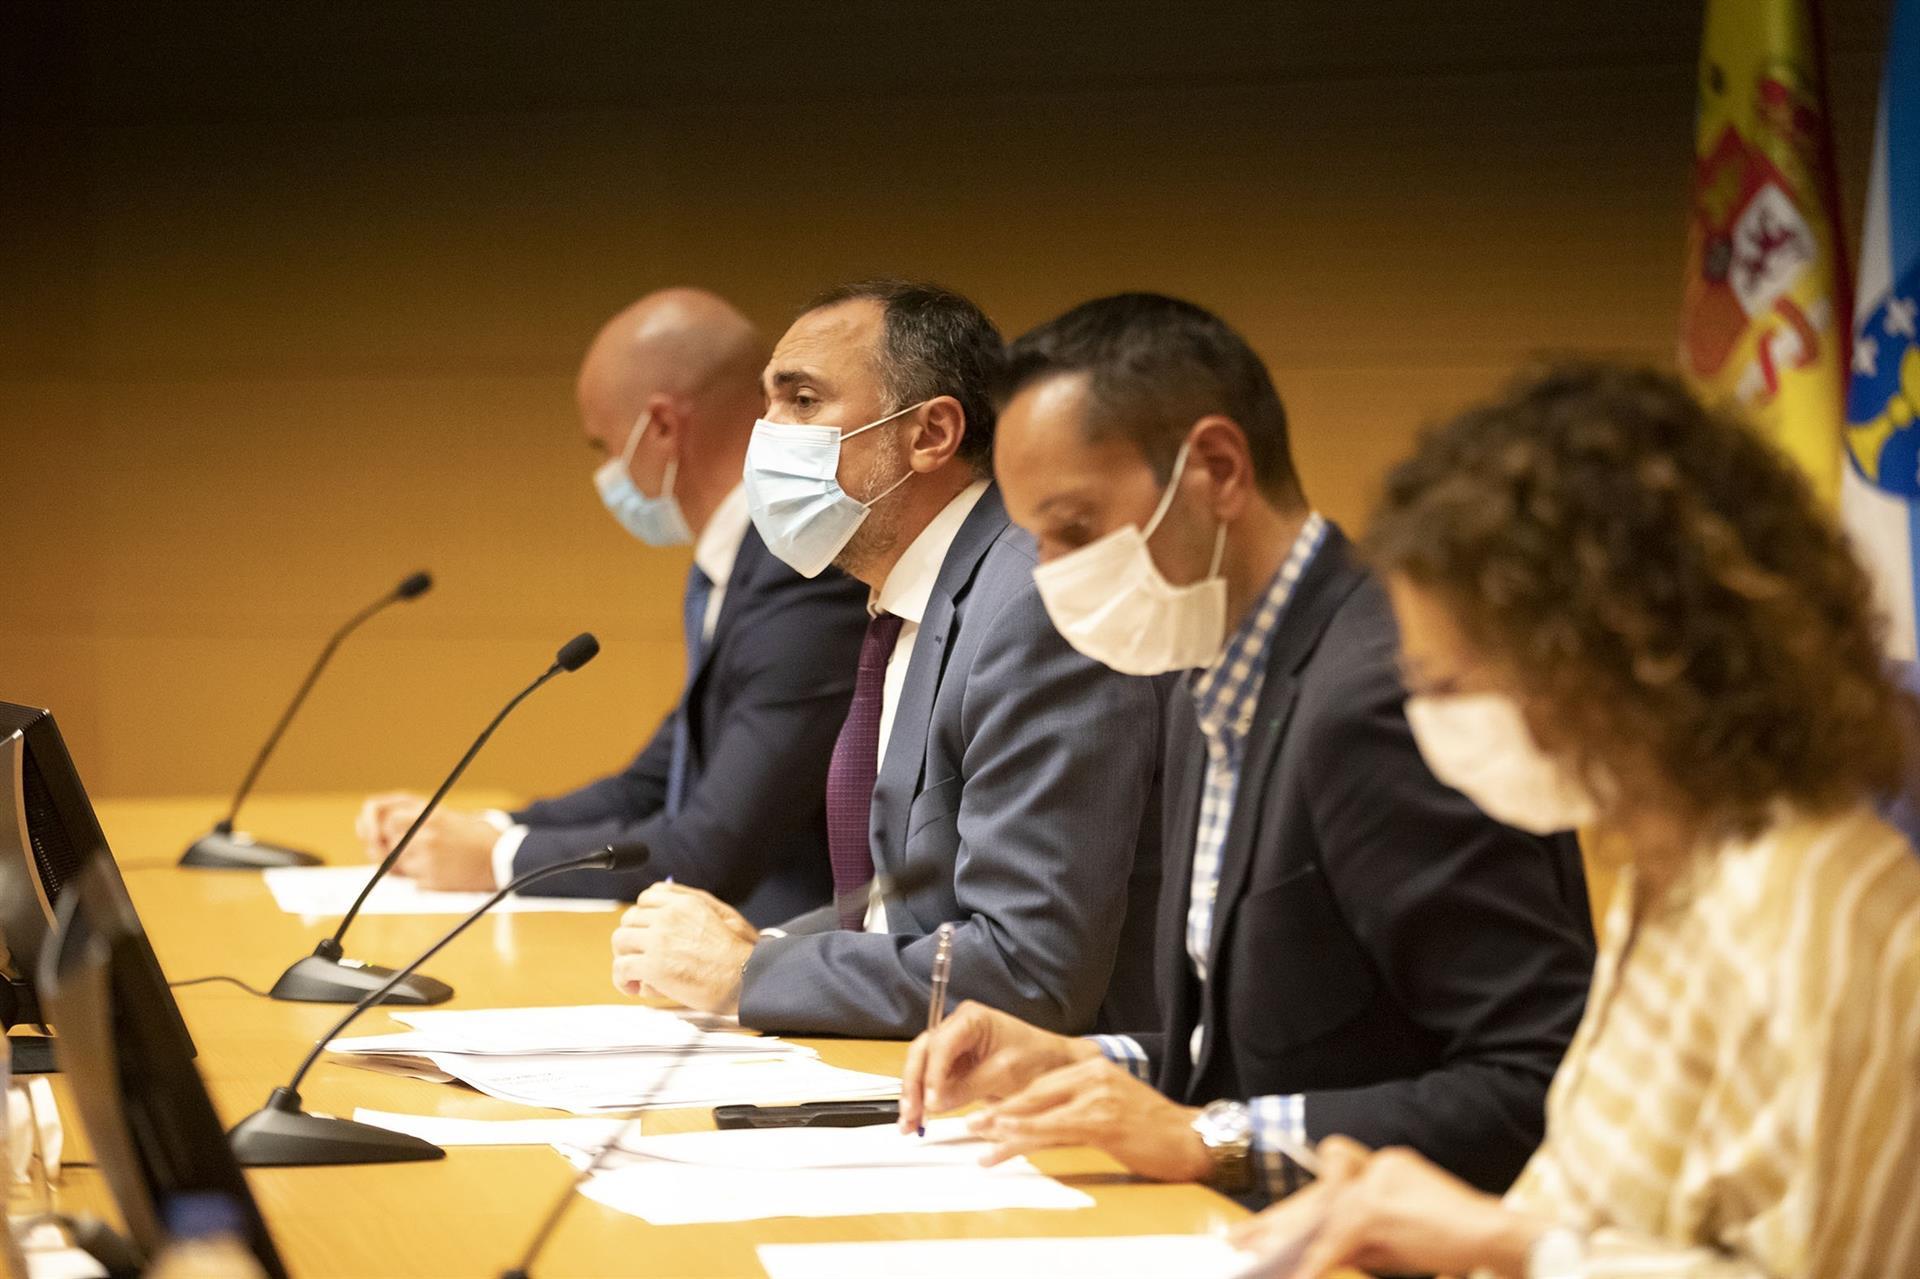 Rueda de prensa posterior a la reunión del comité clínico que asesora a la Xunta en la pandemia de Covid-19. - ANA VARELA